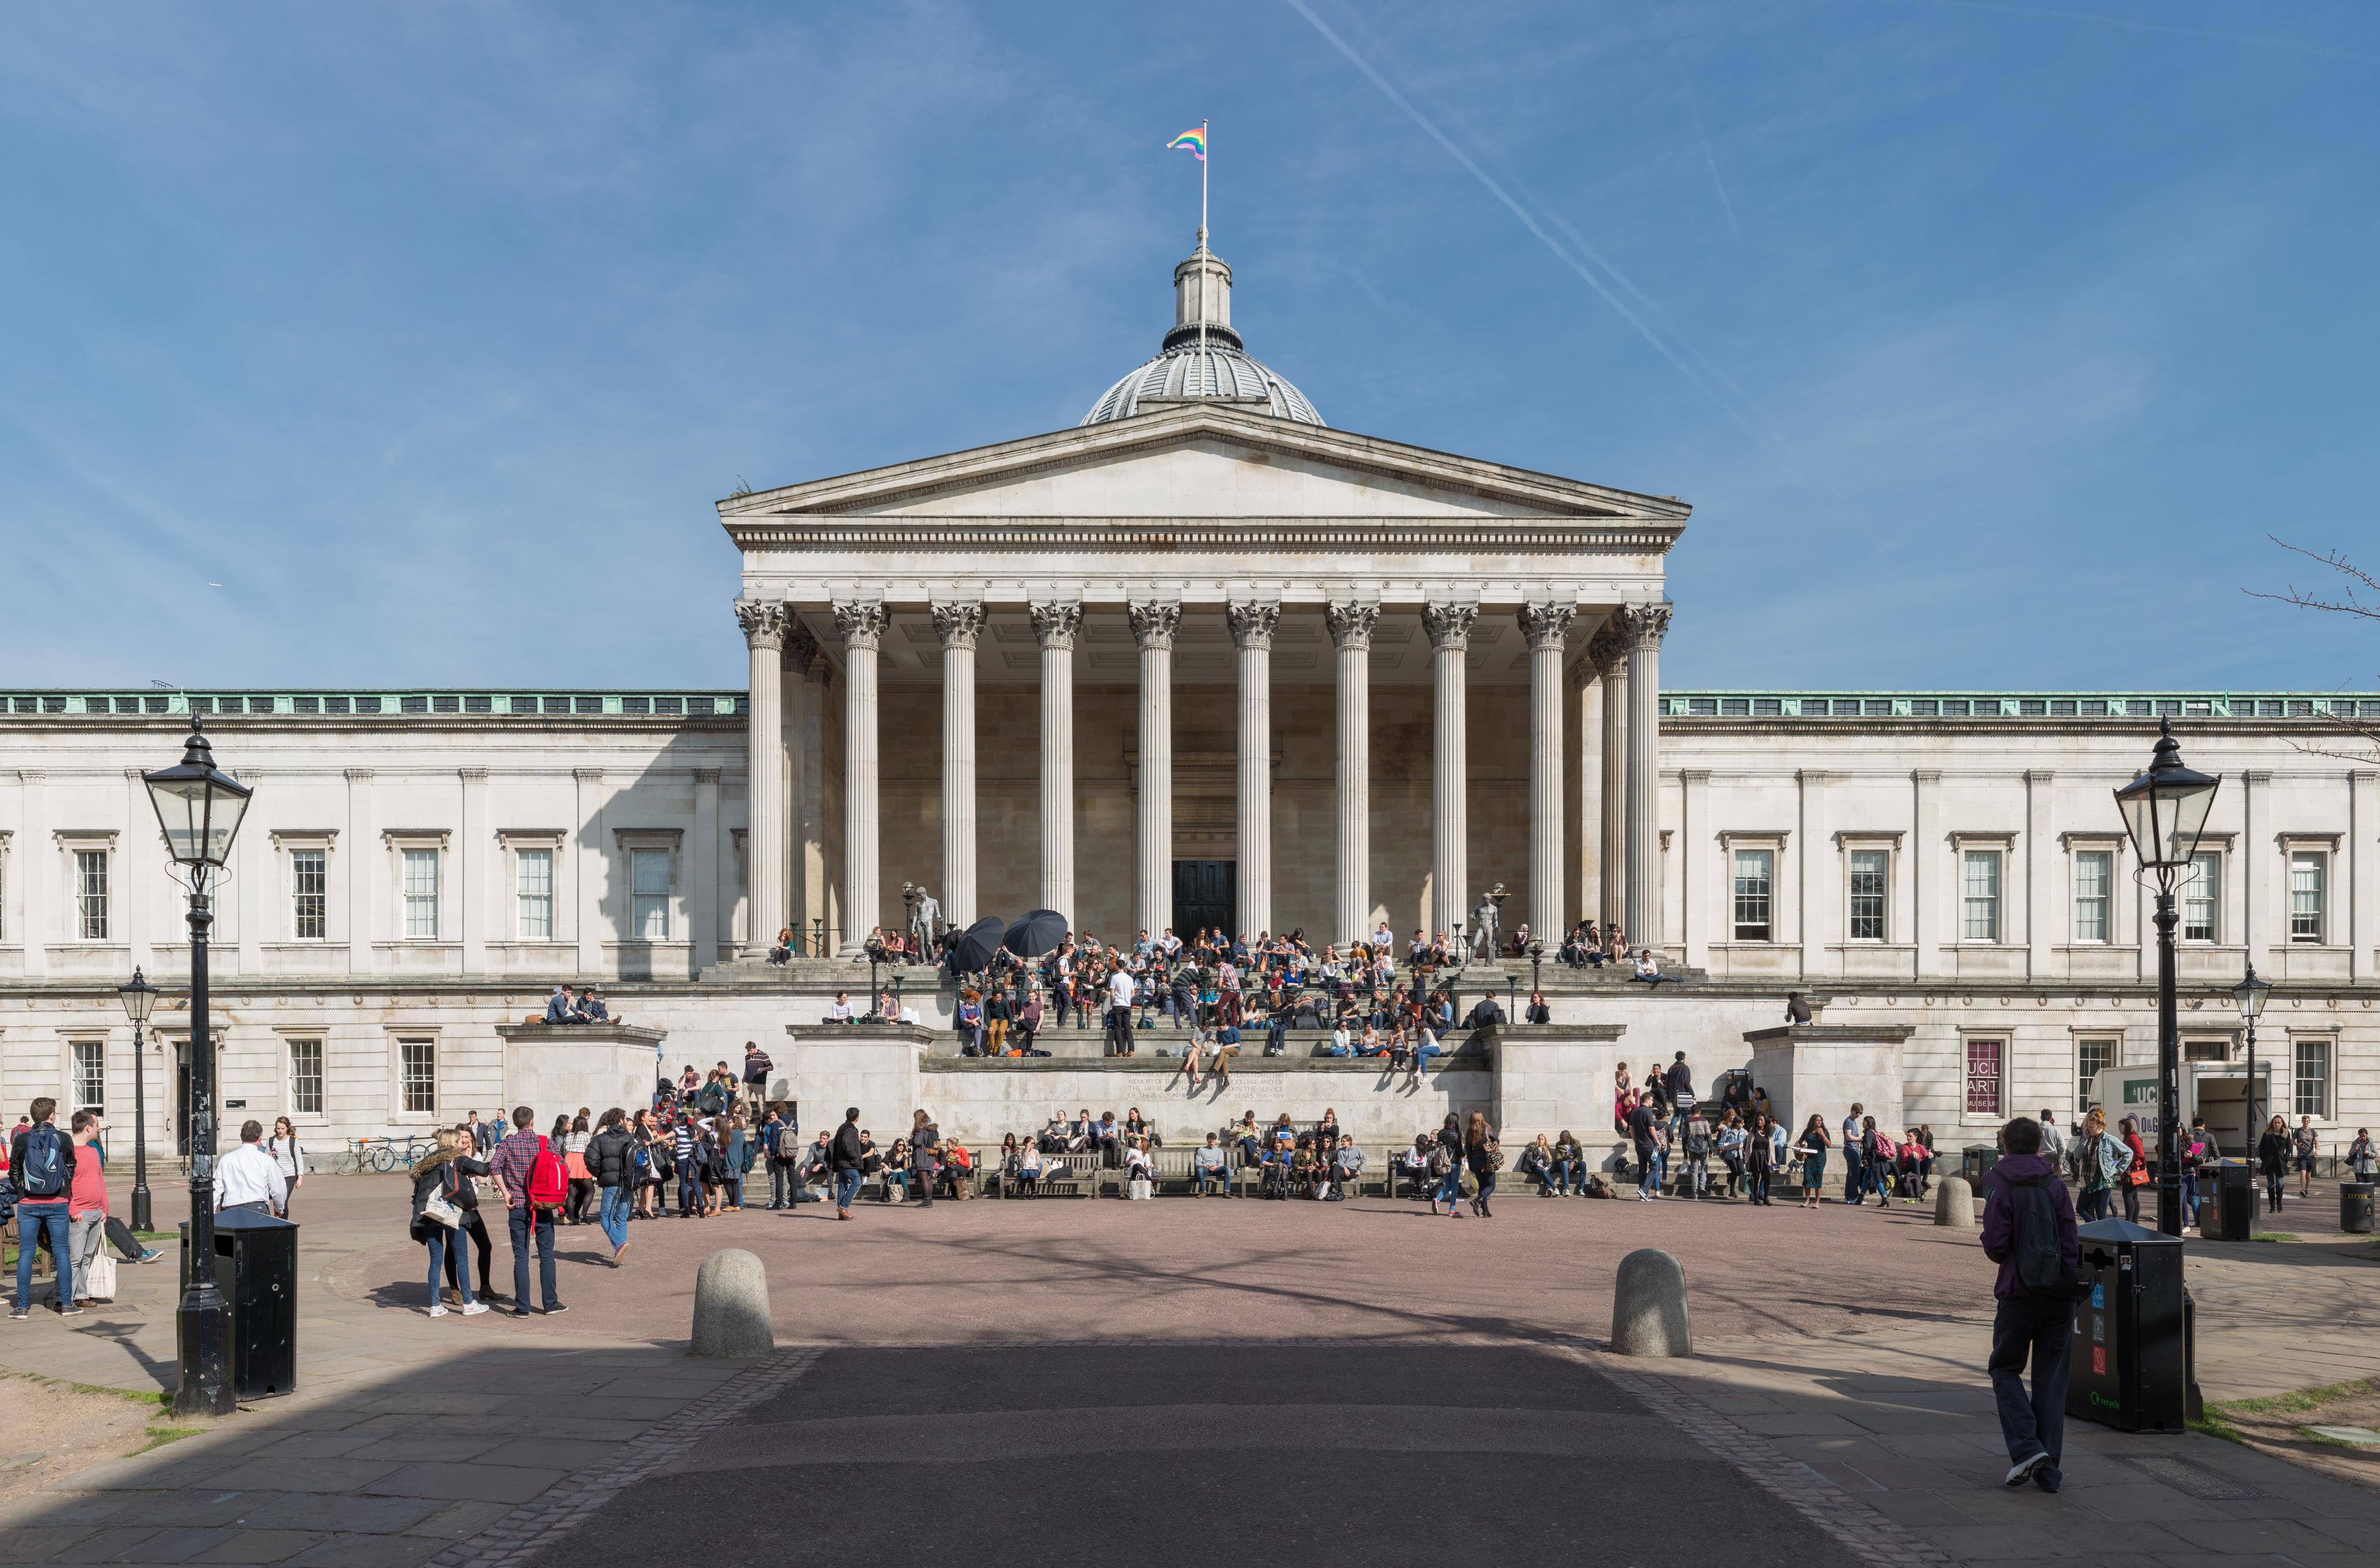 UCL: a melhor universidade de Londres 1